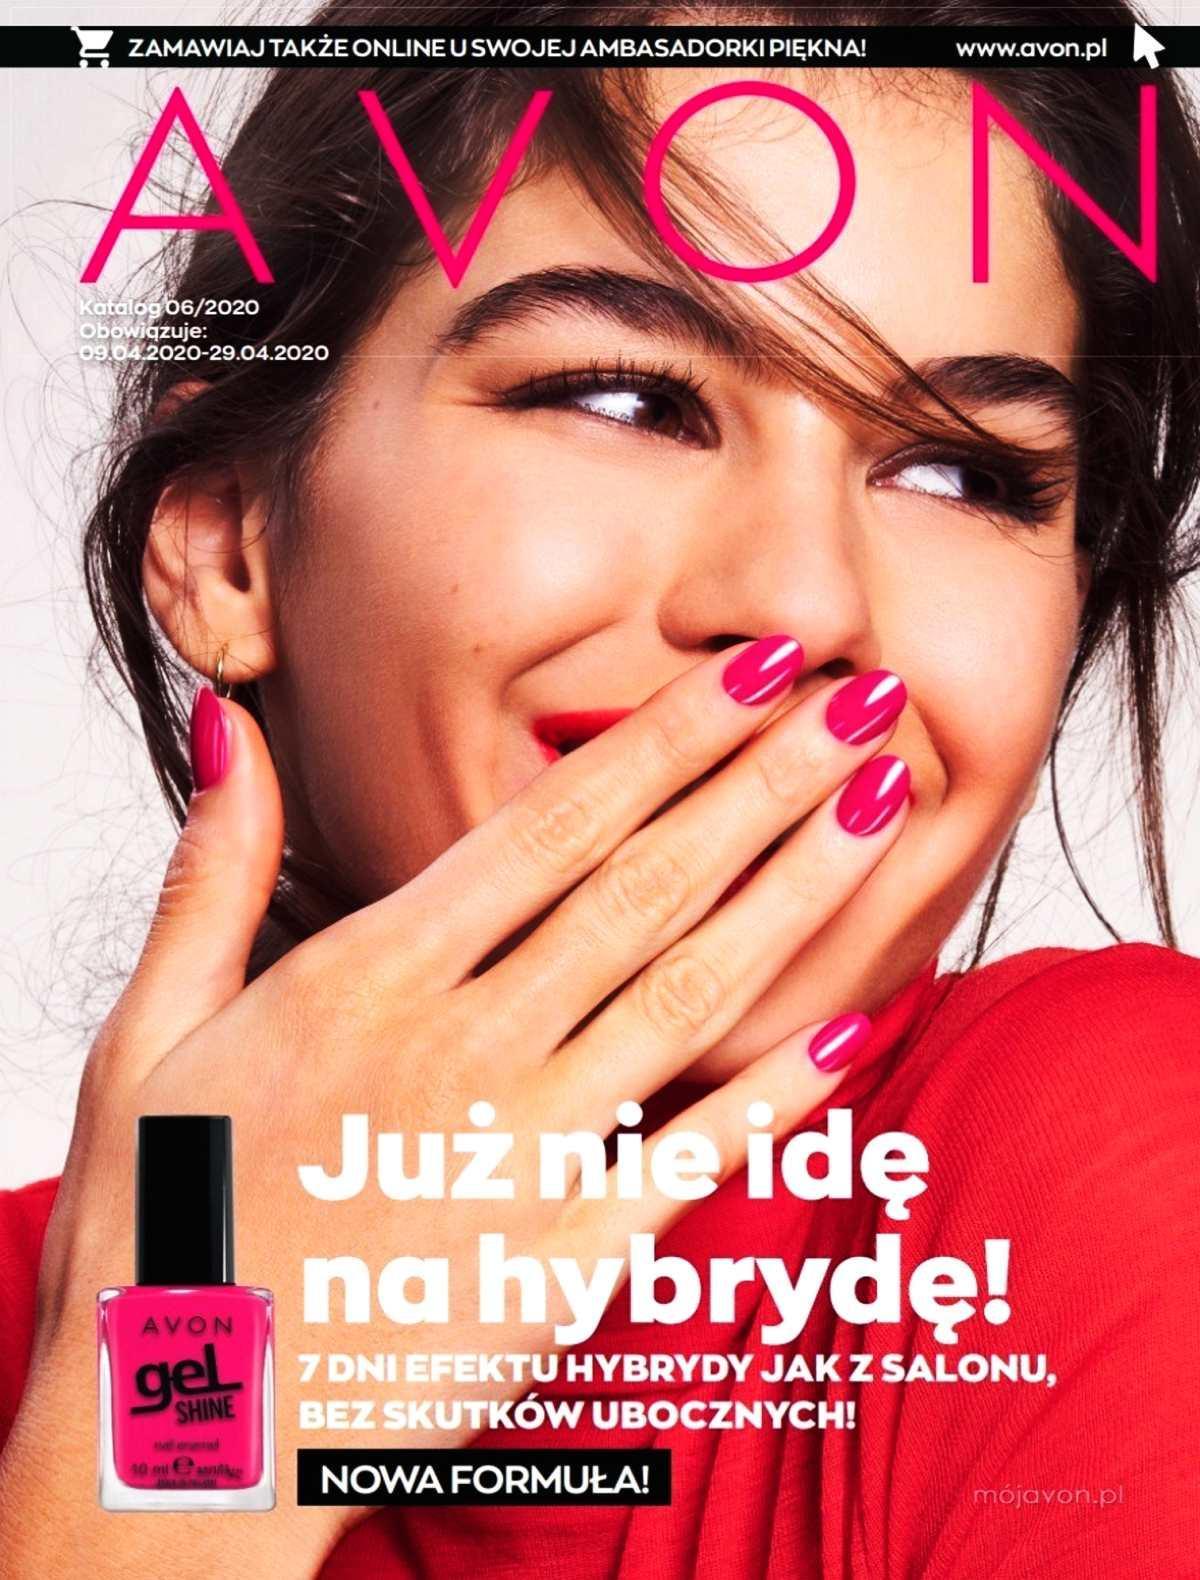 Gazetka promocyjna Avon do 29/04/2020 str.1